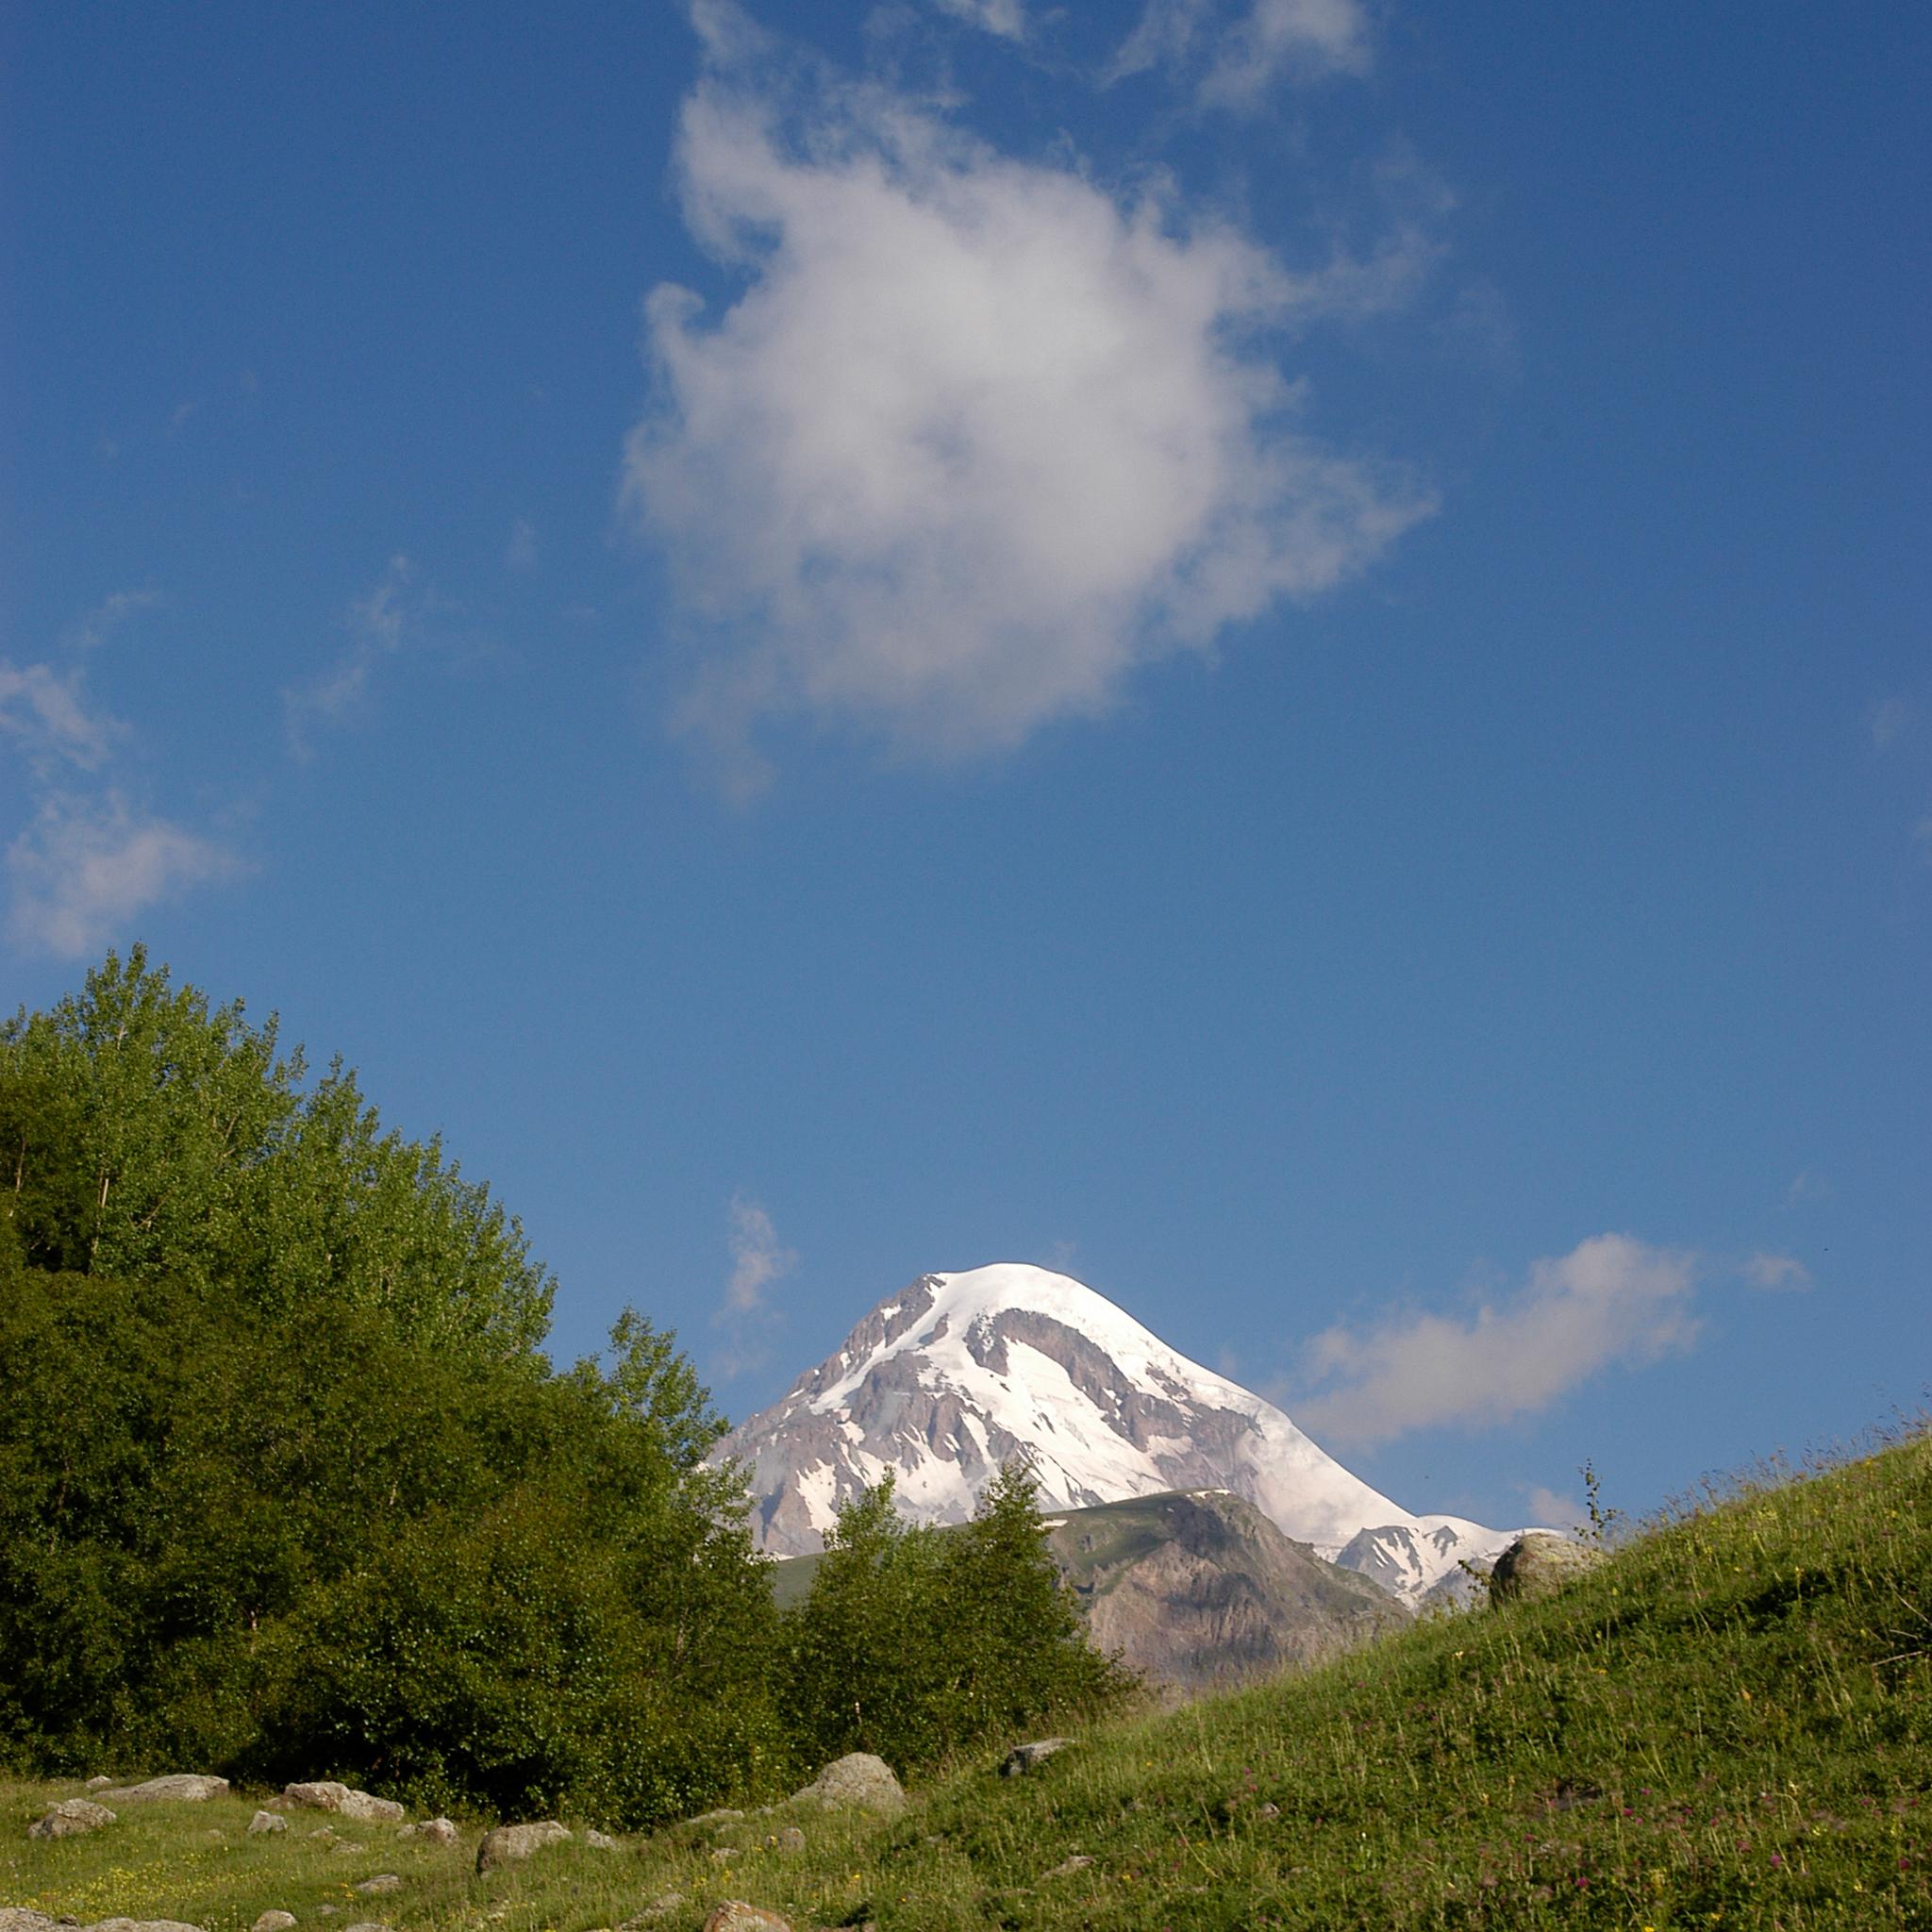 2006 / Mt. Kazbeg, 5033m